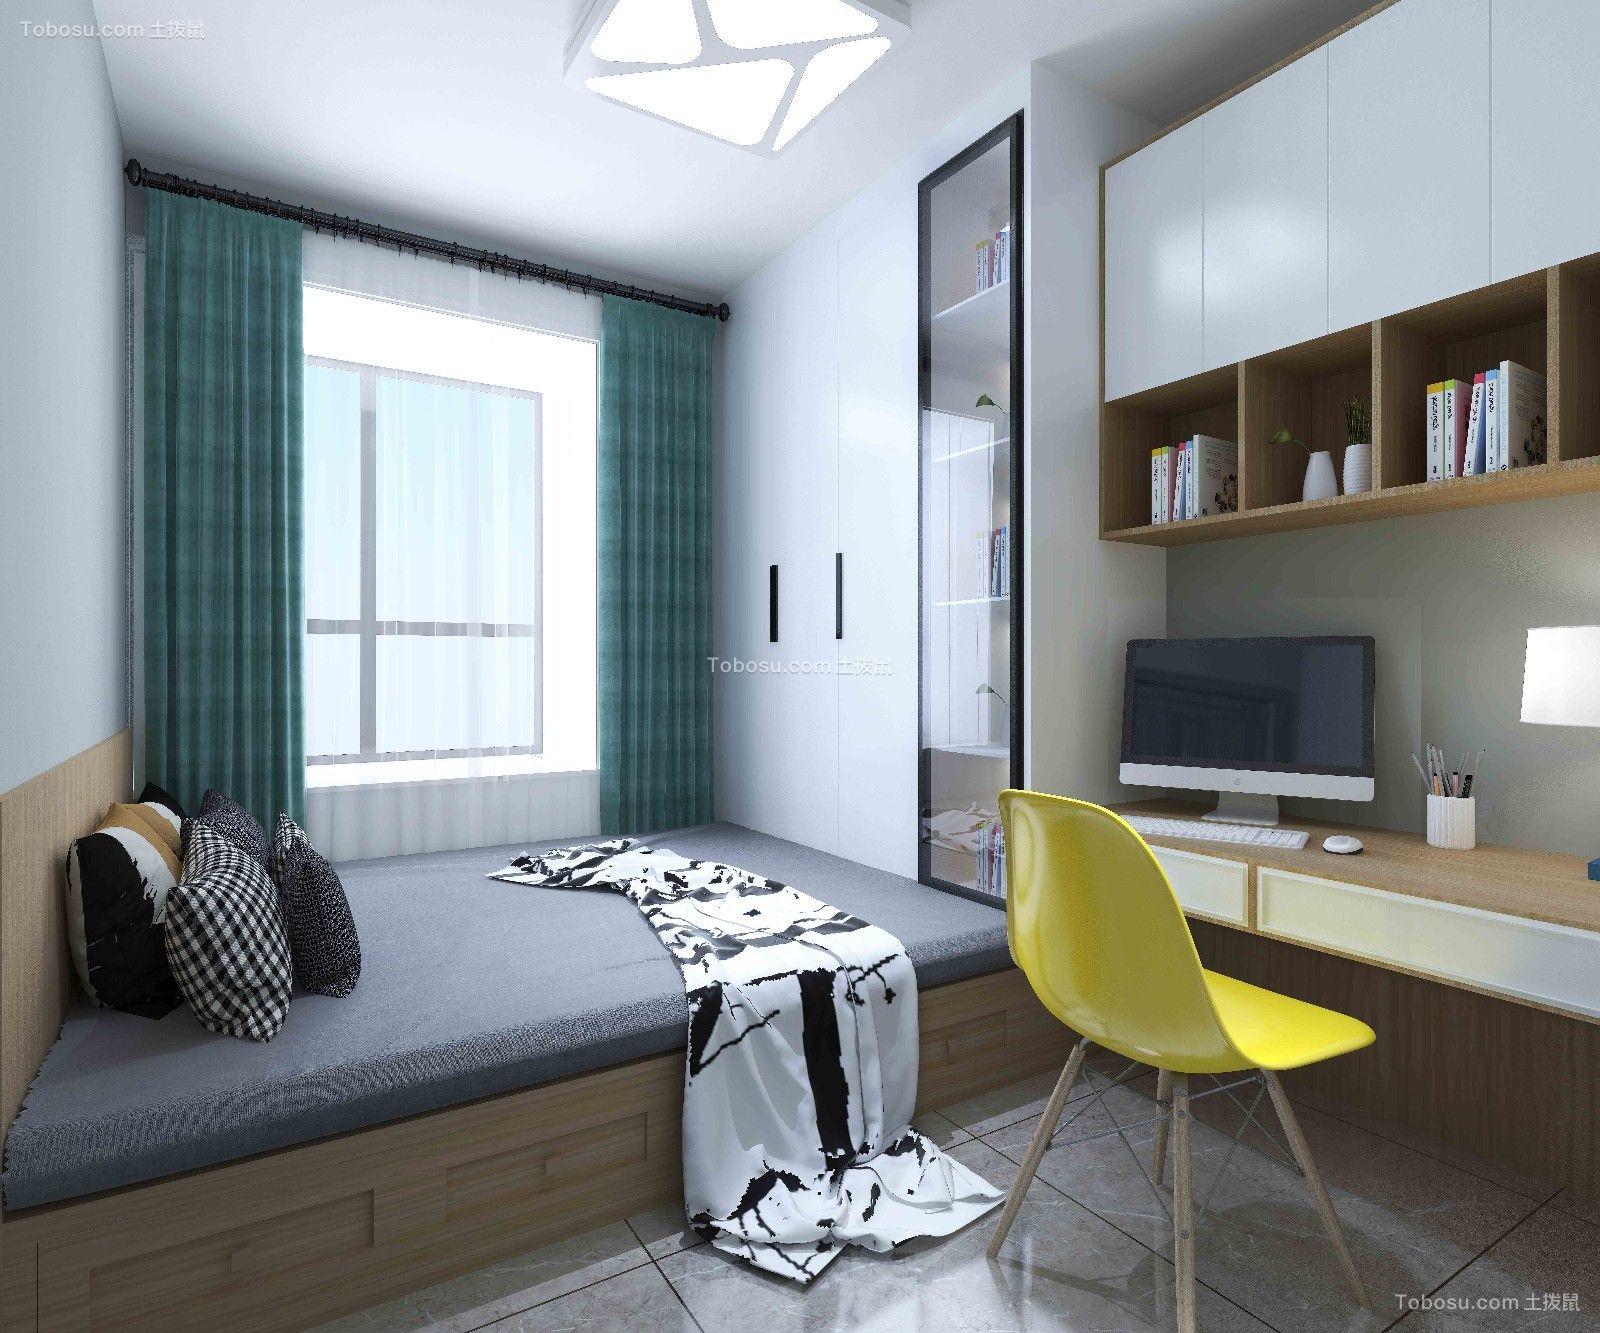 2020简约卧室装修设计图片 2020简约榻榻米装修设计图片